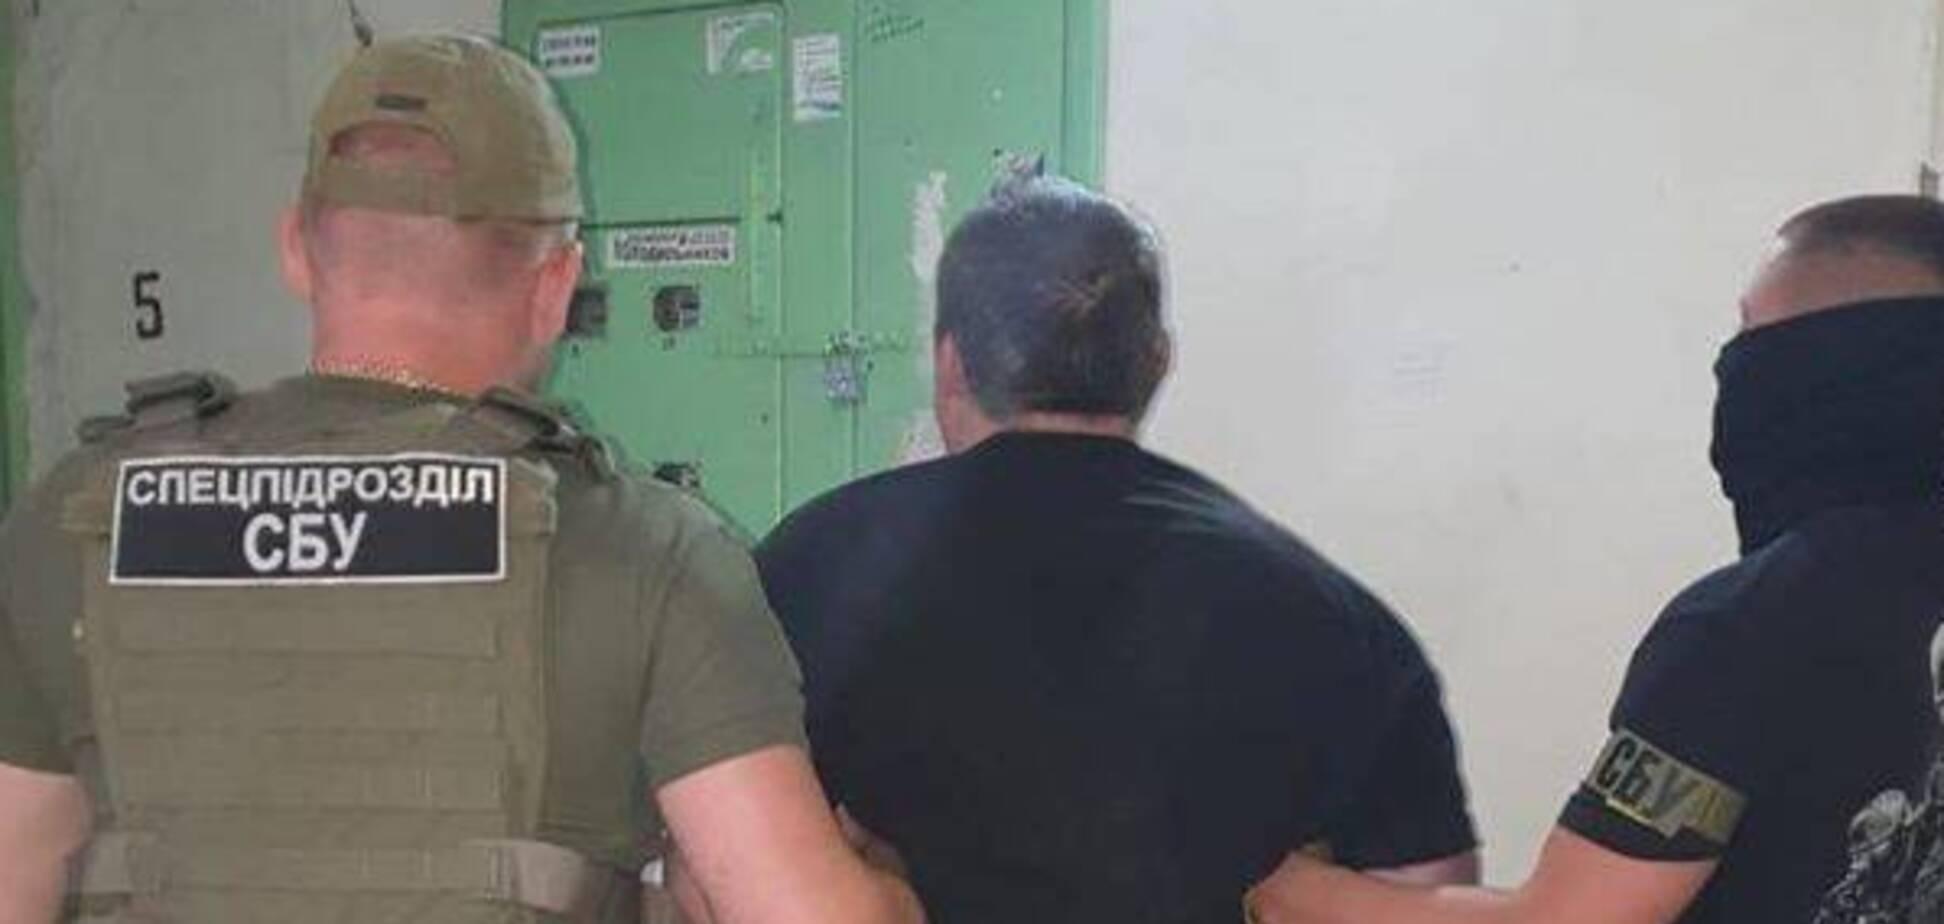 СБУ задержала двух полицейских, которых уличили в 'крышевании' проституции (фото: СБУ)